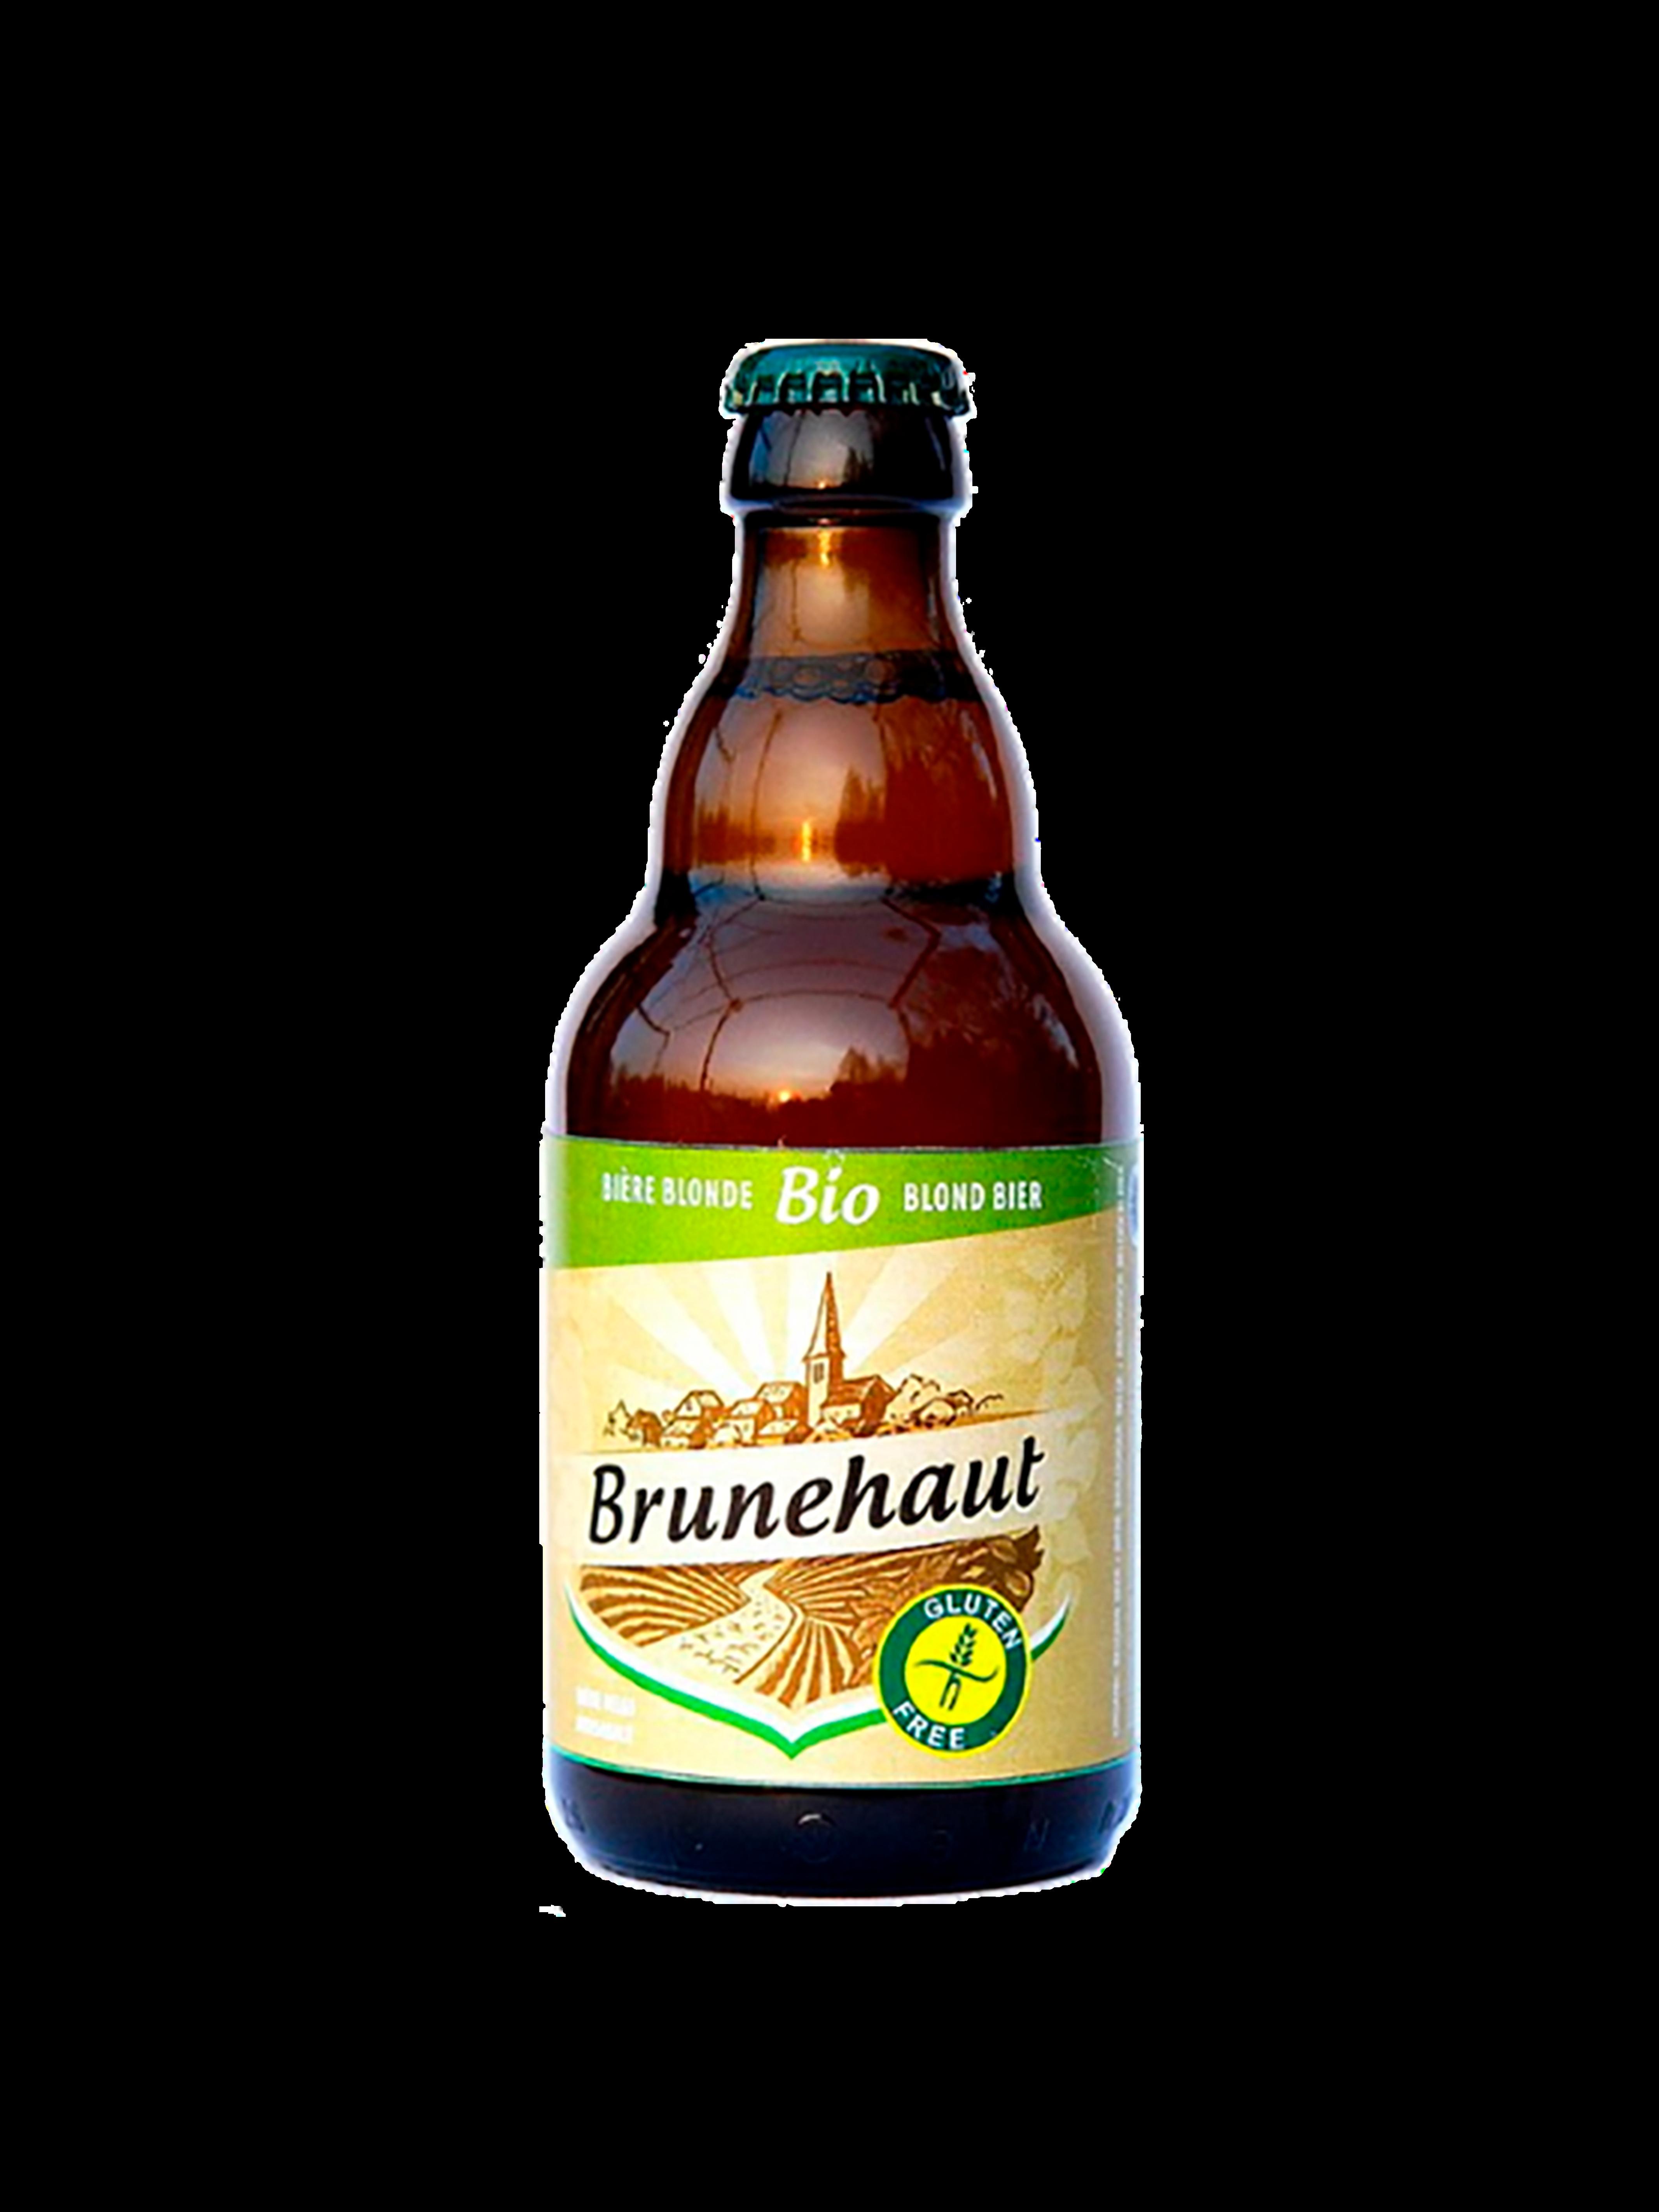 Bottiglia di birra tondeggiante con etichetta gialla e verde